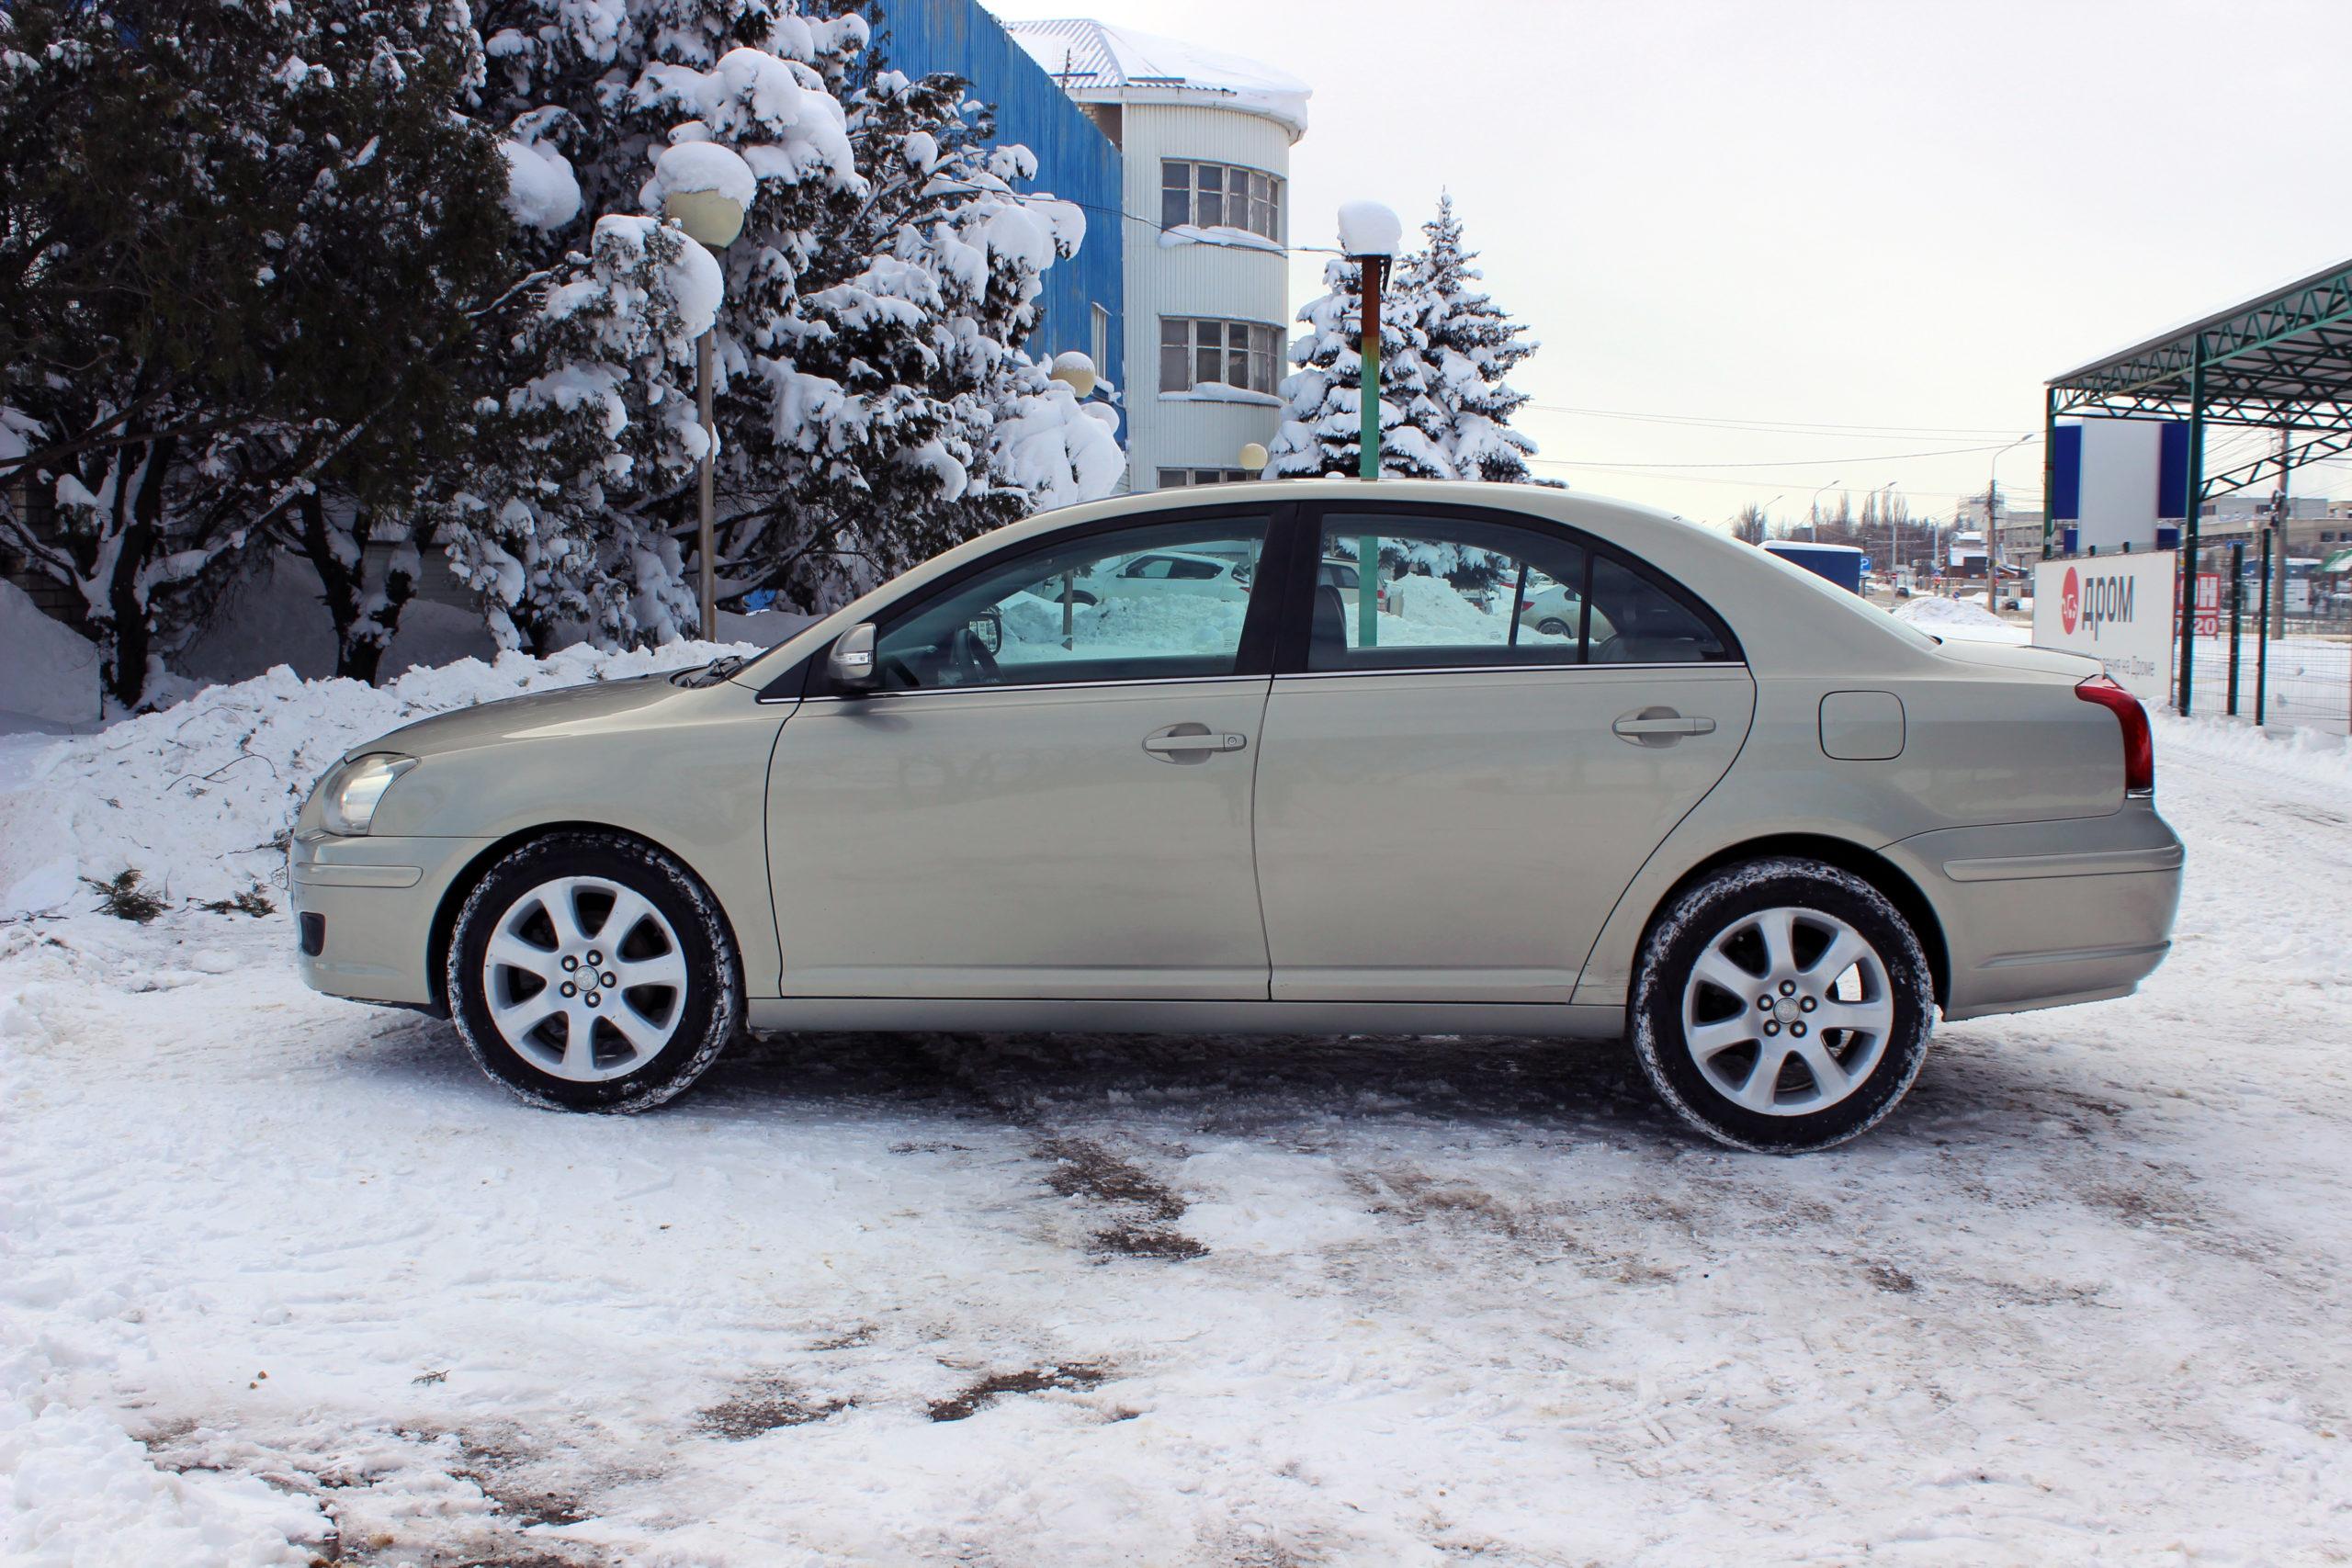 Купить Toyota Avensis (Светло-оливковый) - Автопарк Ставрополь